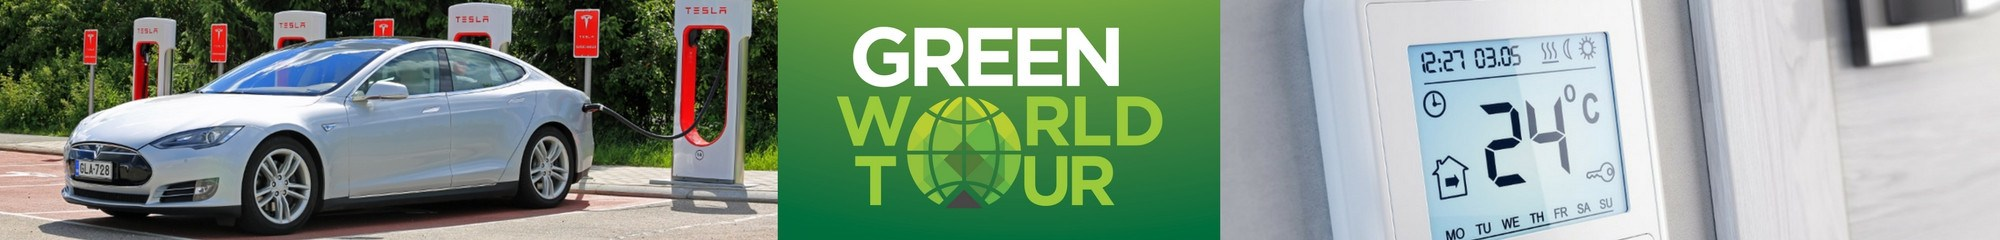 Green World Tour - Wien » gtce1